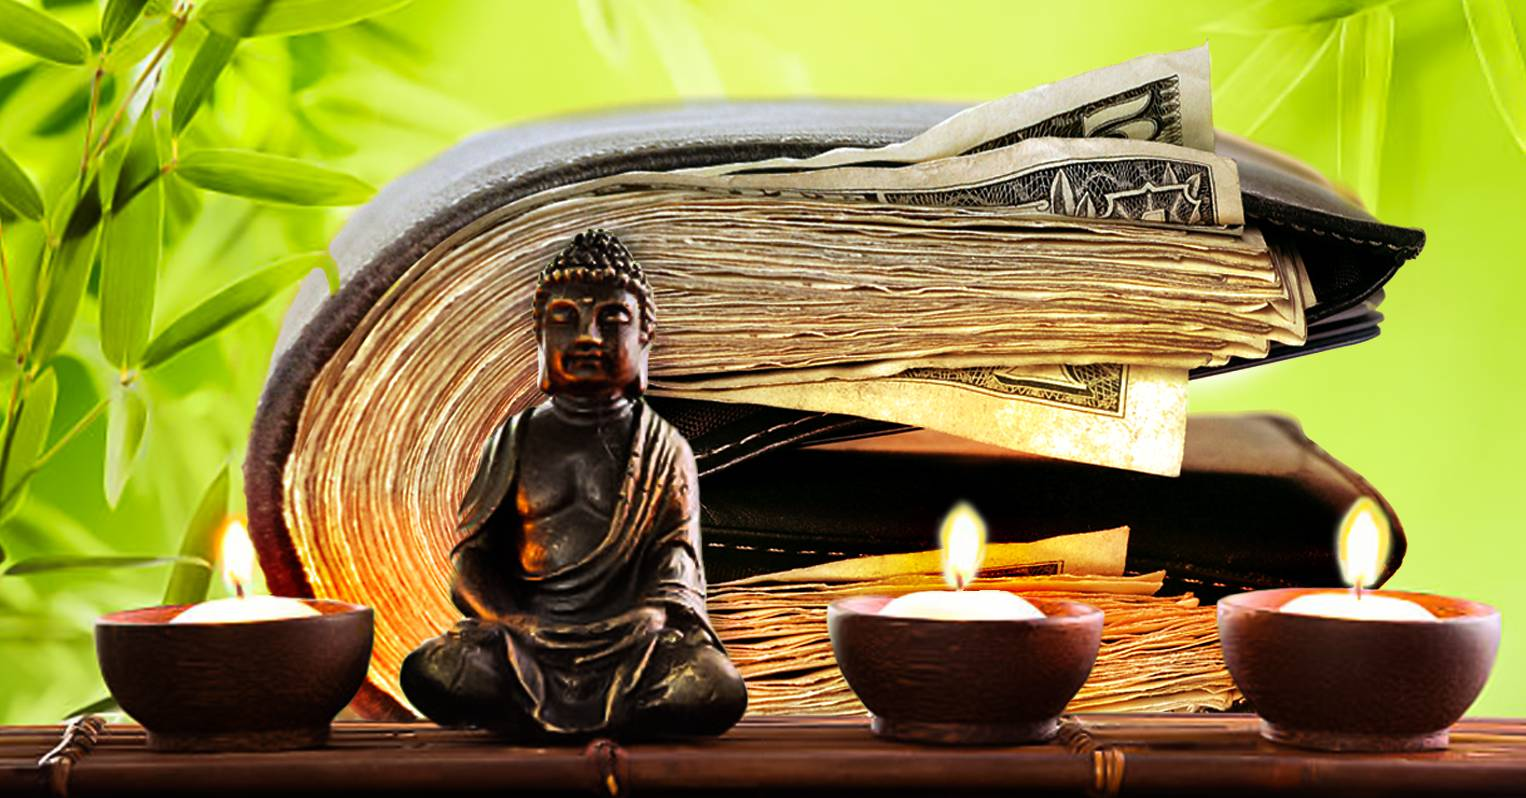 Мощные обряды, заговоры и заклинания на привлечение денег и удачи